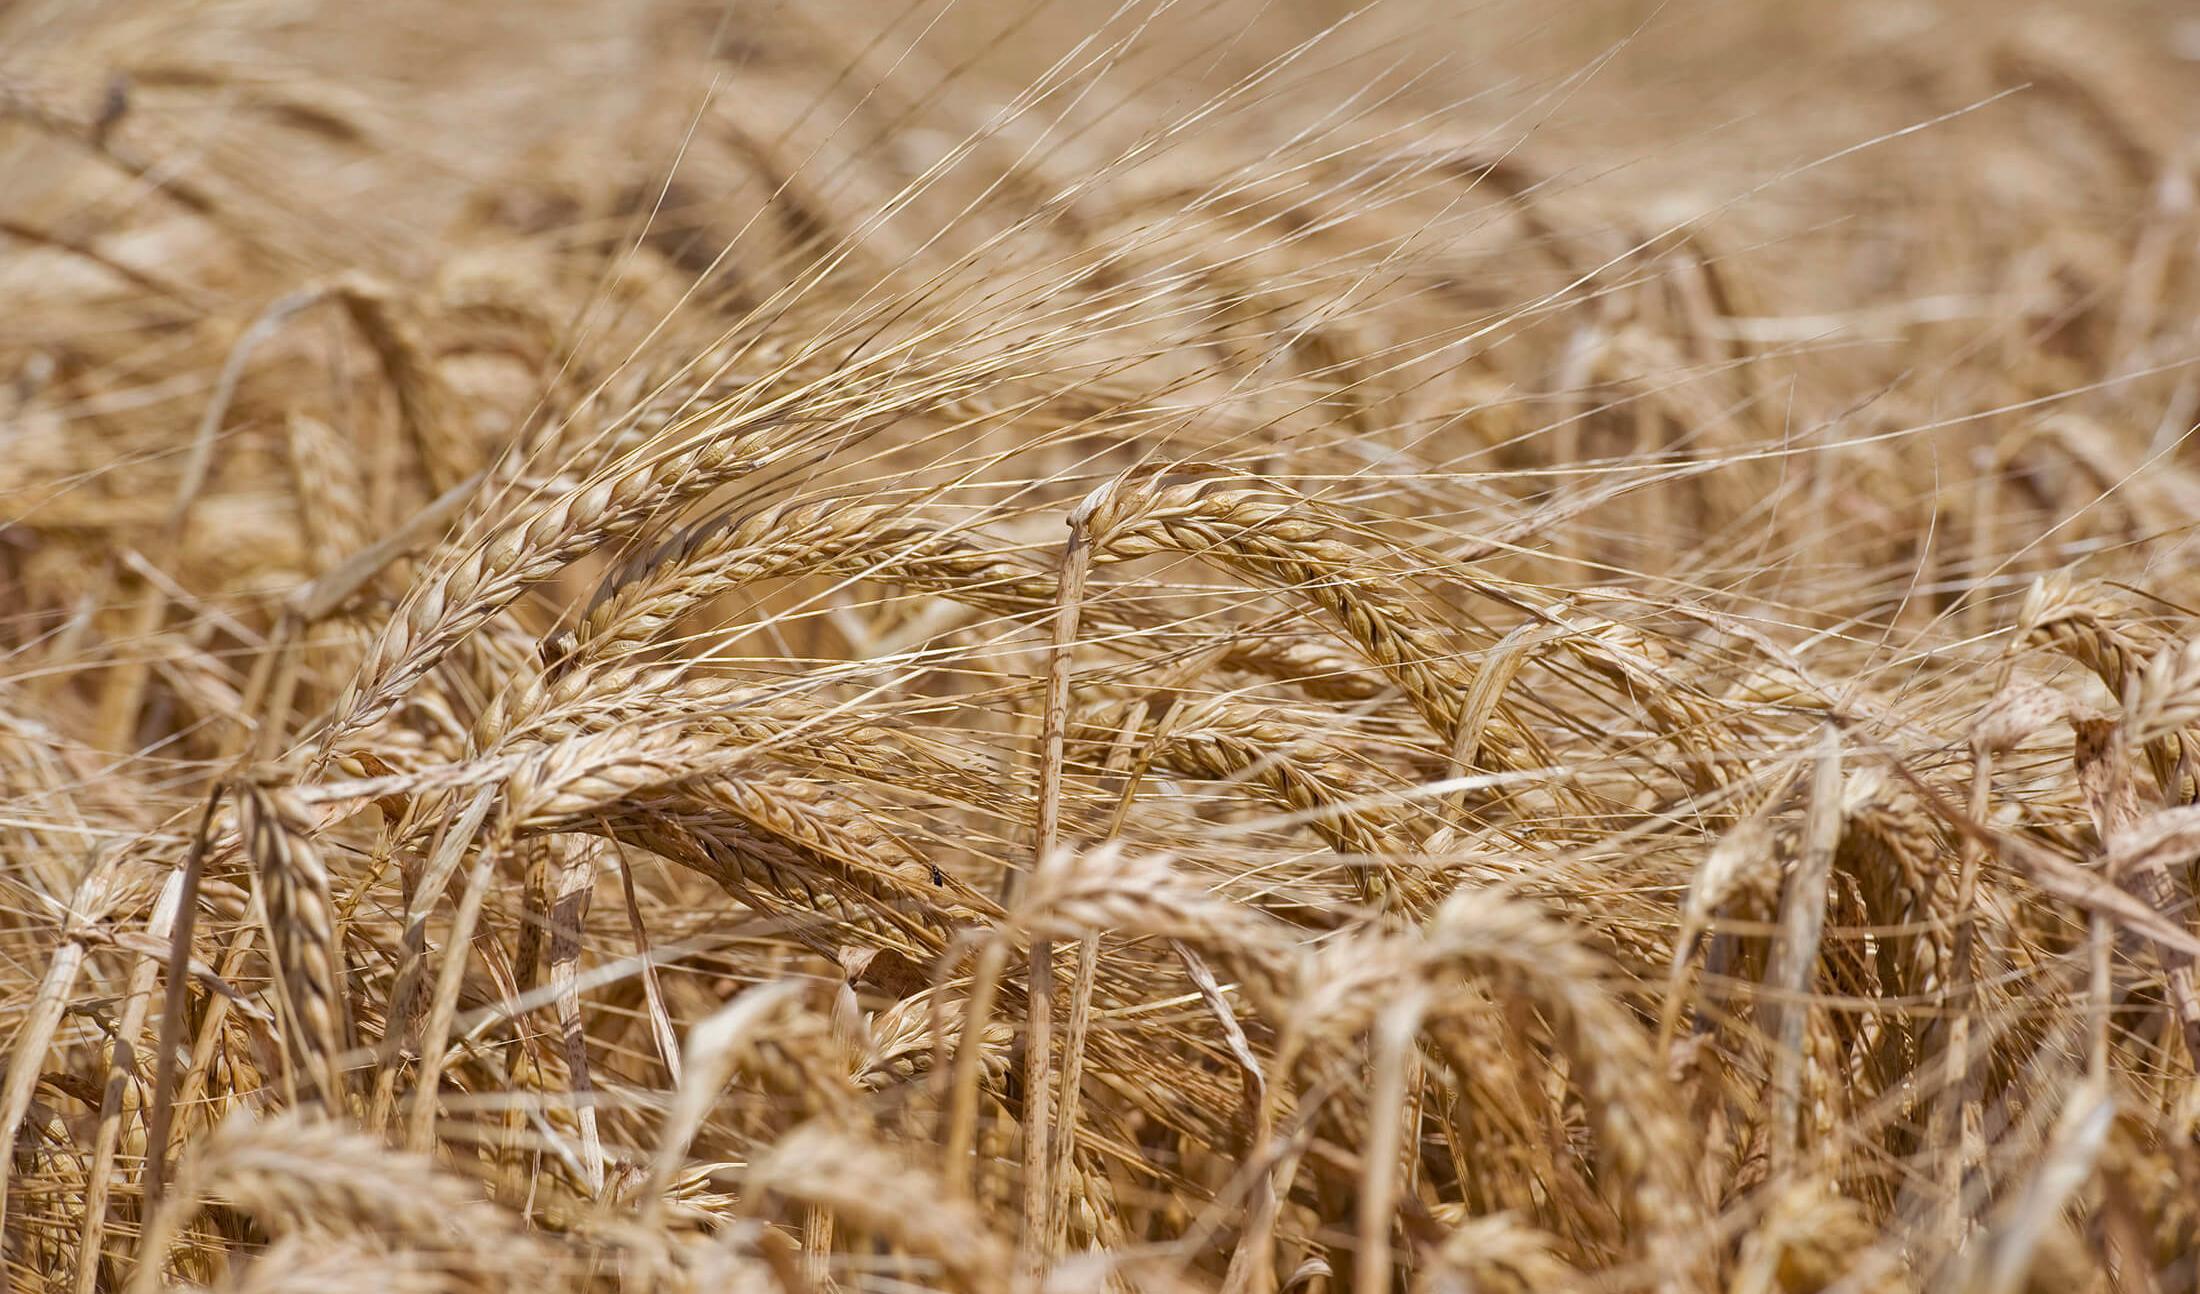 گندمکاران: دولت یا گندم ما را به قیمت جهانی بخرد یا اجازه صادرات بدهد